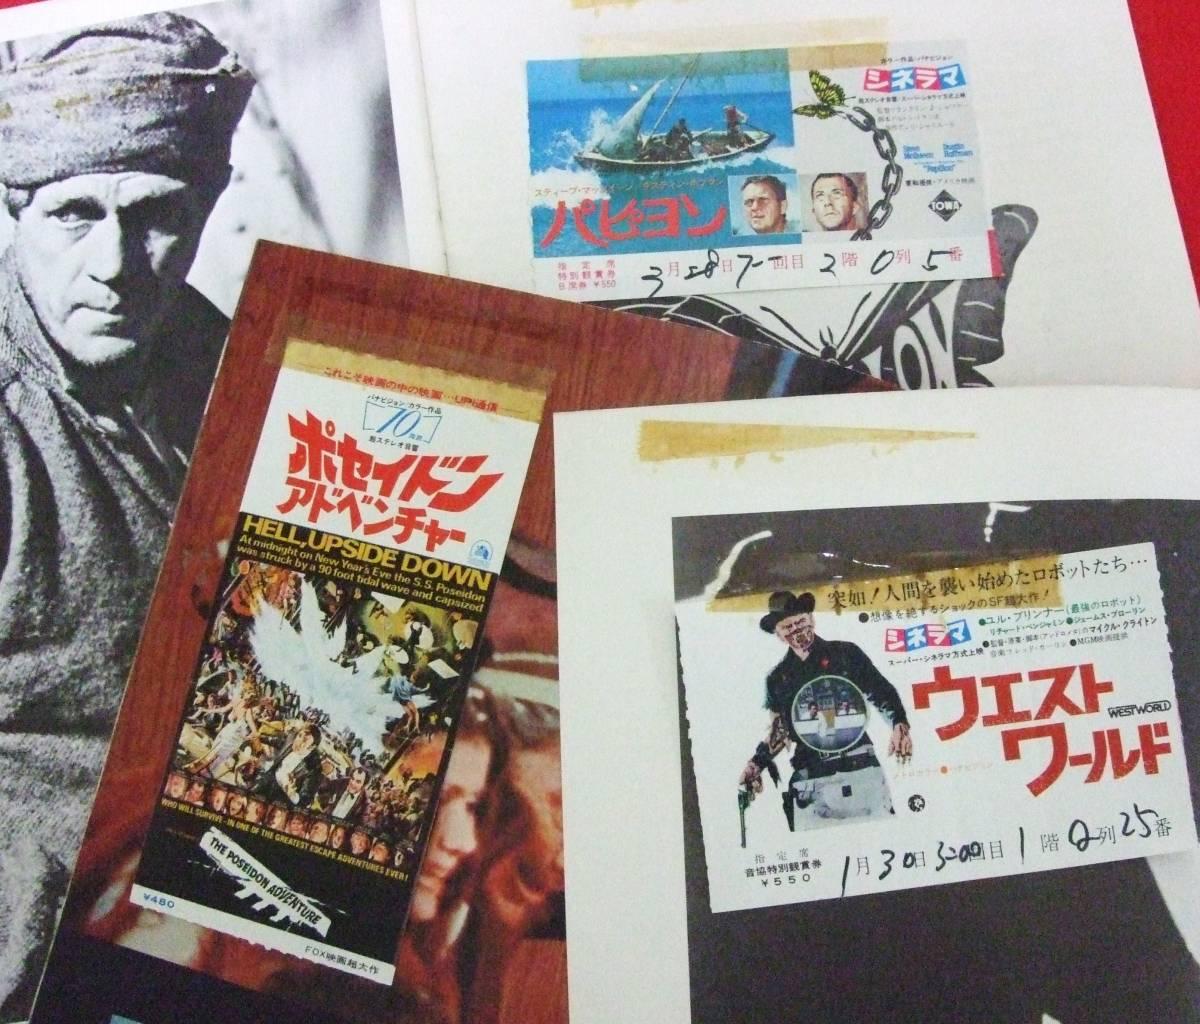 古い映画のパンフレット41冊 半券 チラシ 映画関連セット 送料500円 ウエストワールド ポセイドンアドベンチャー イージーライダー_画像5